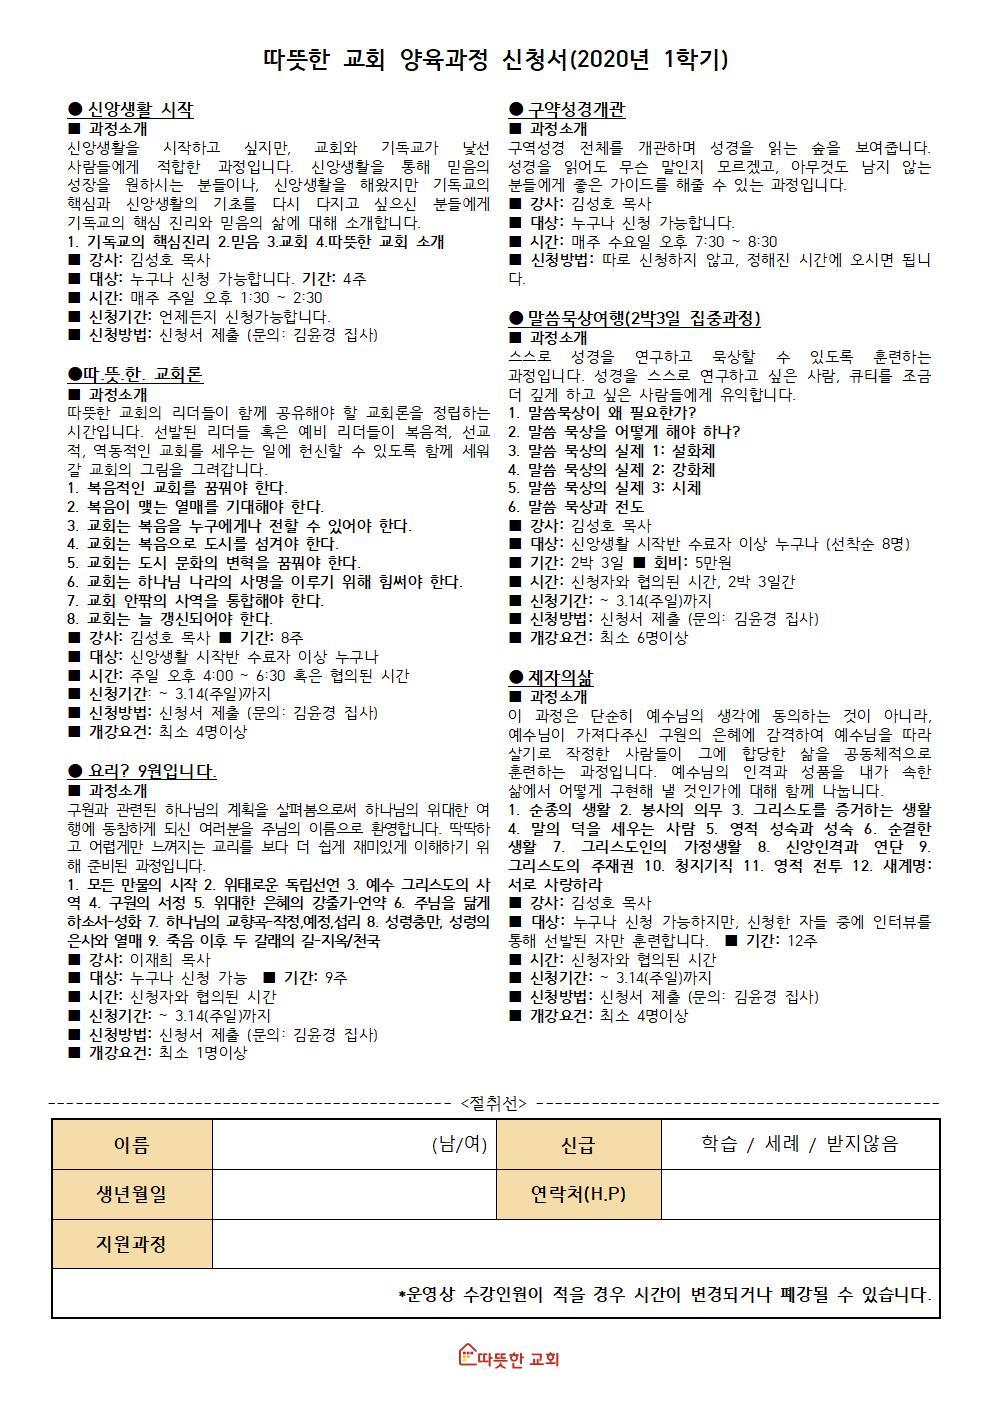 2020 따뜻한 교회 양육과정 신청서 1학기001.jpg